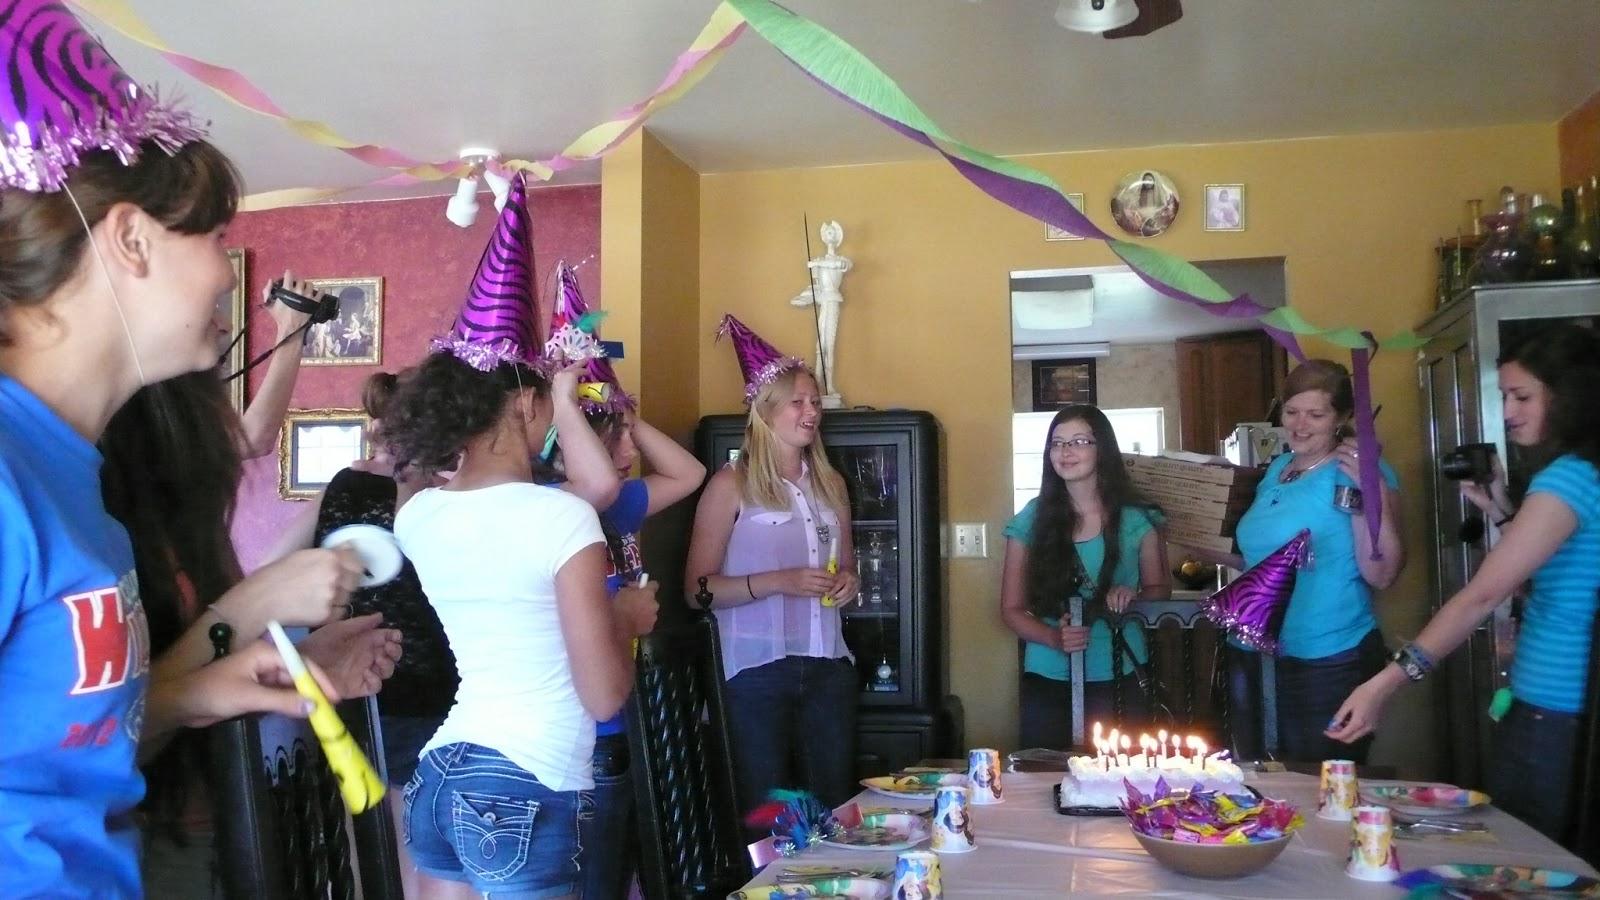 Plan out a surprise party